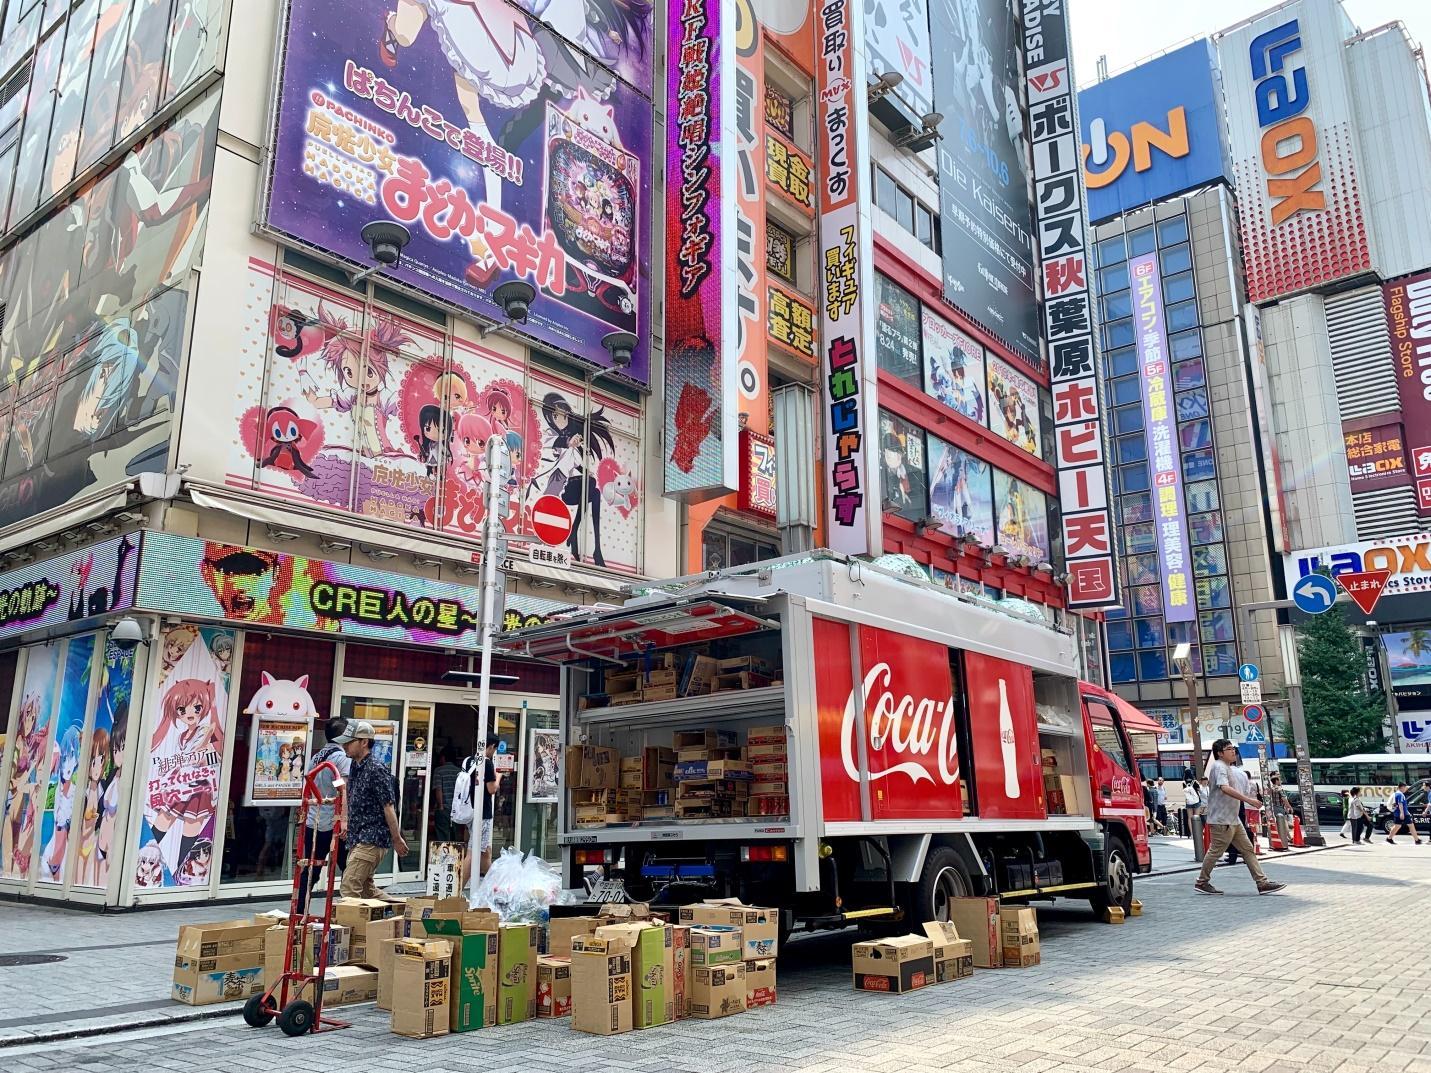 A Coca Cola mobile billboard truck